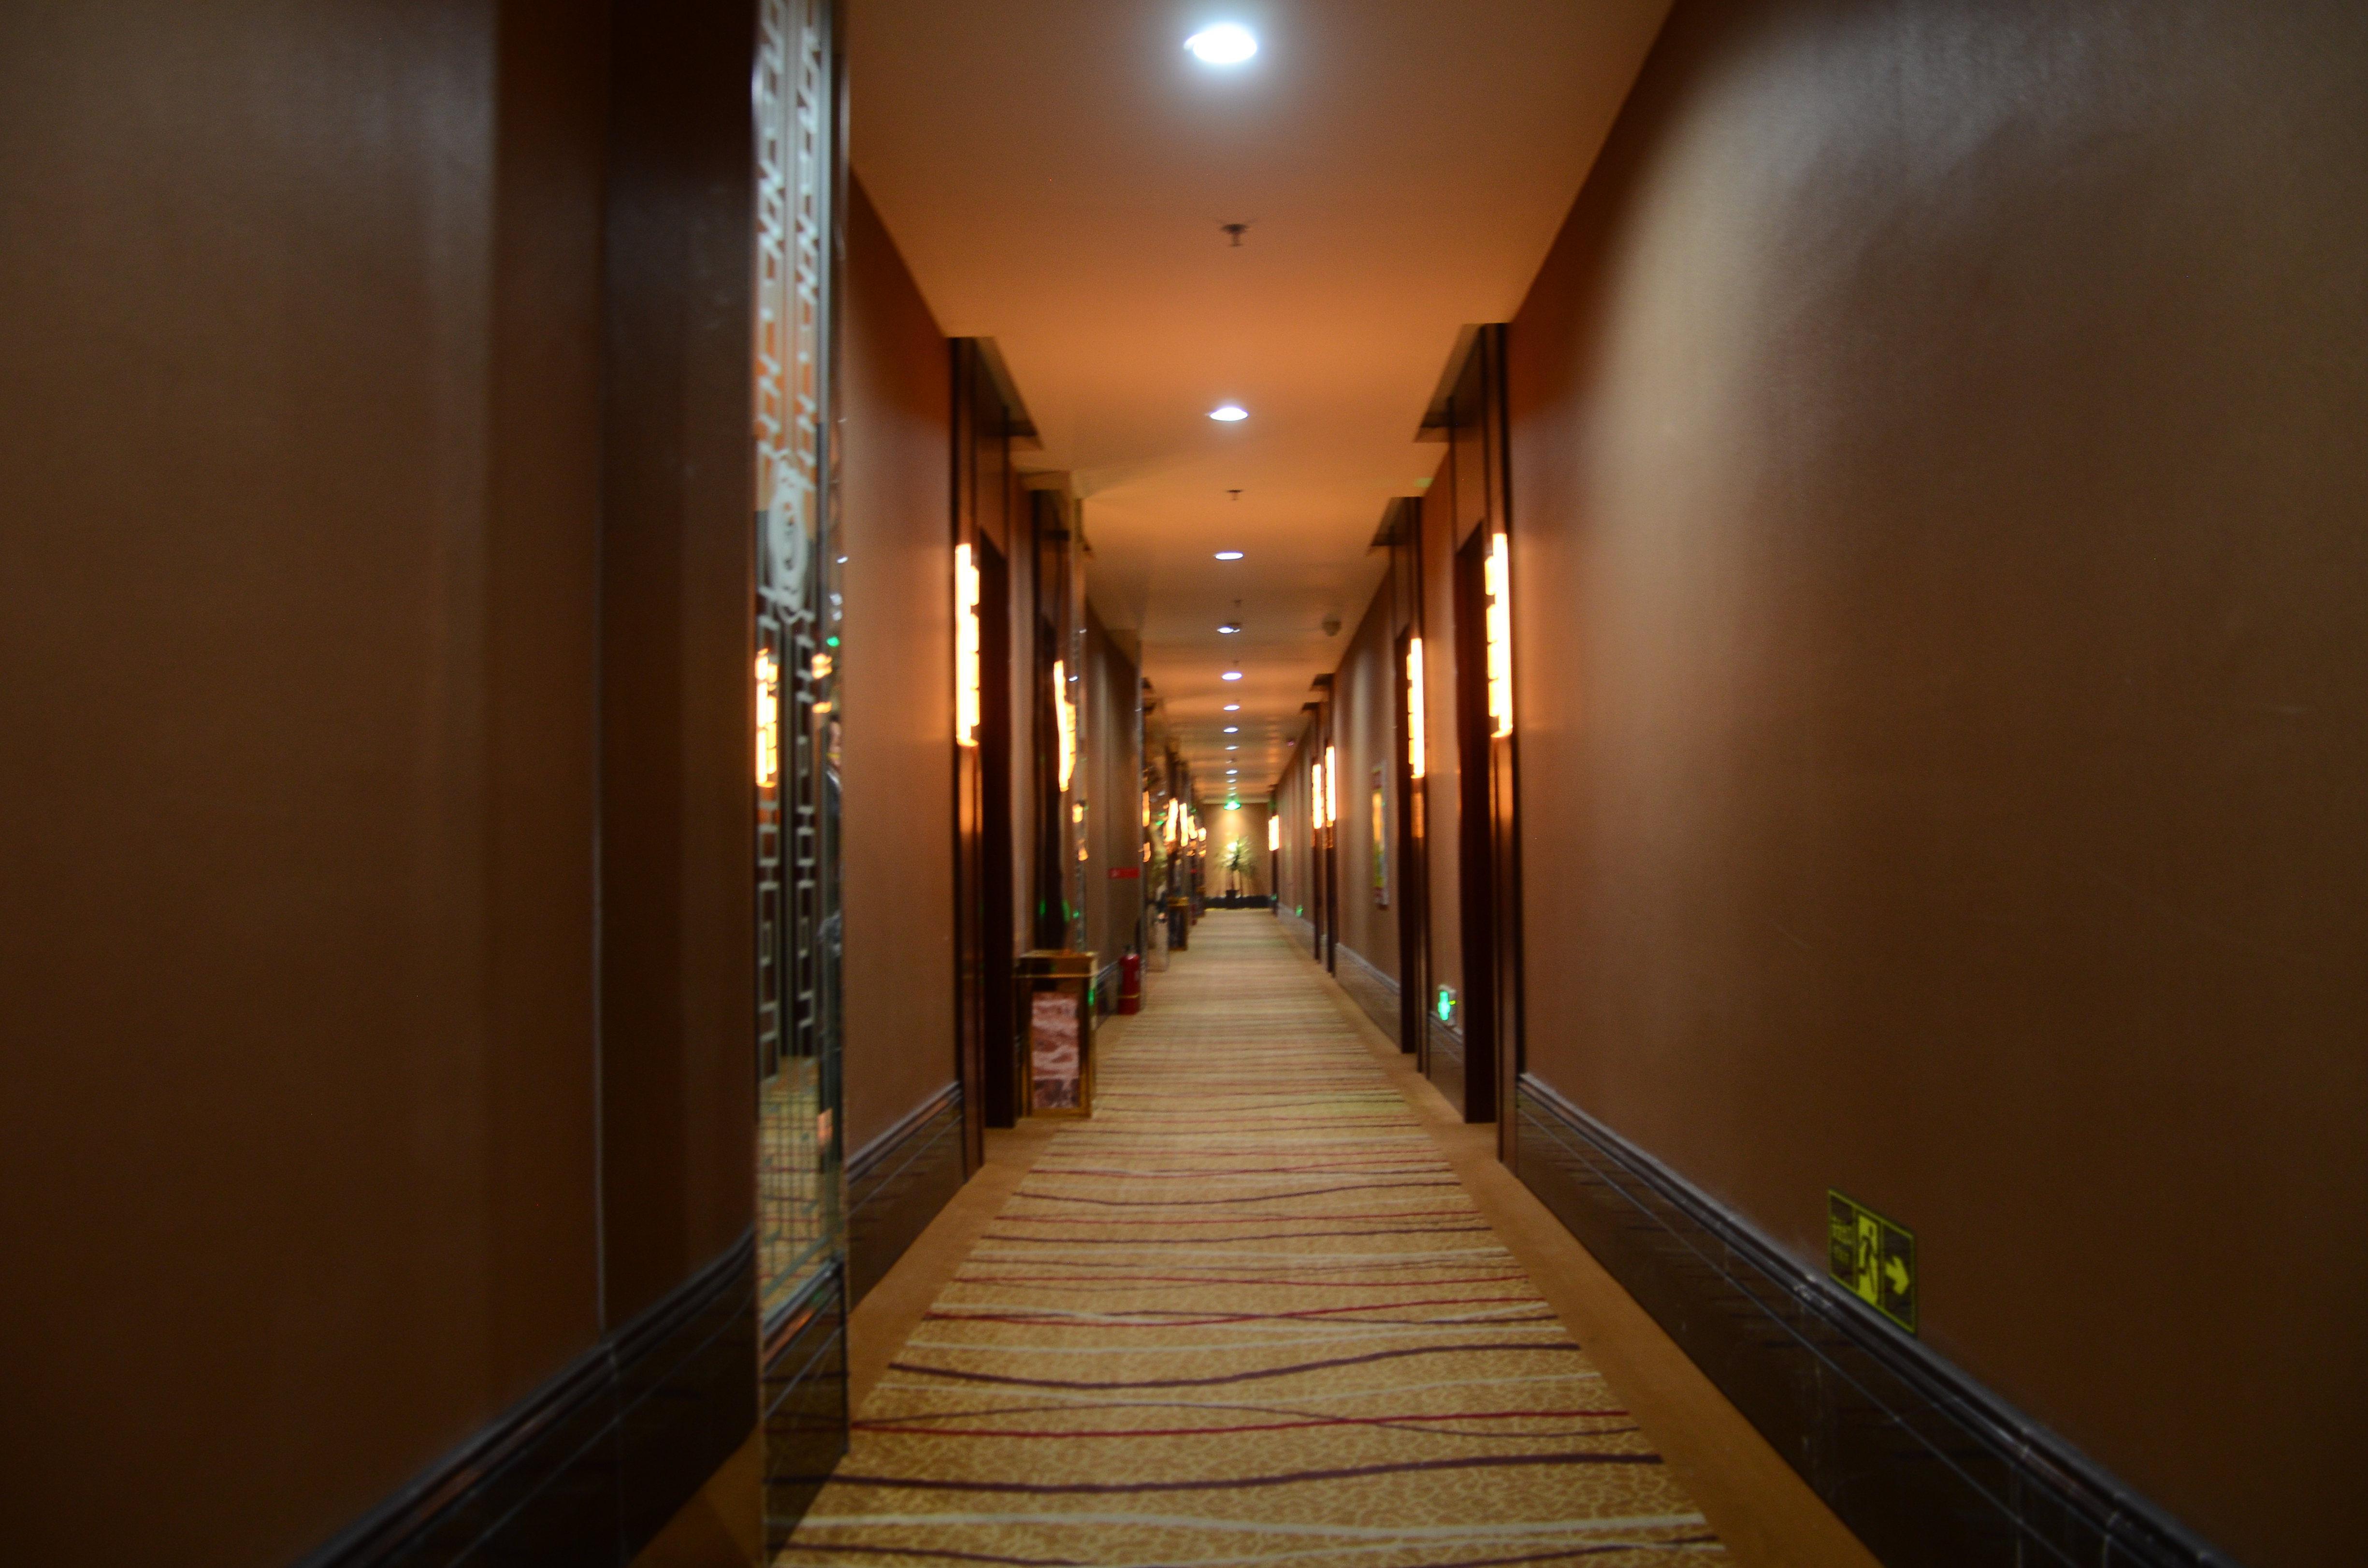 快捷酒店走廊效果图大全酒店过道效果图